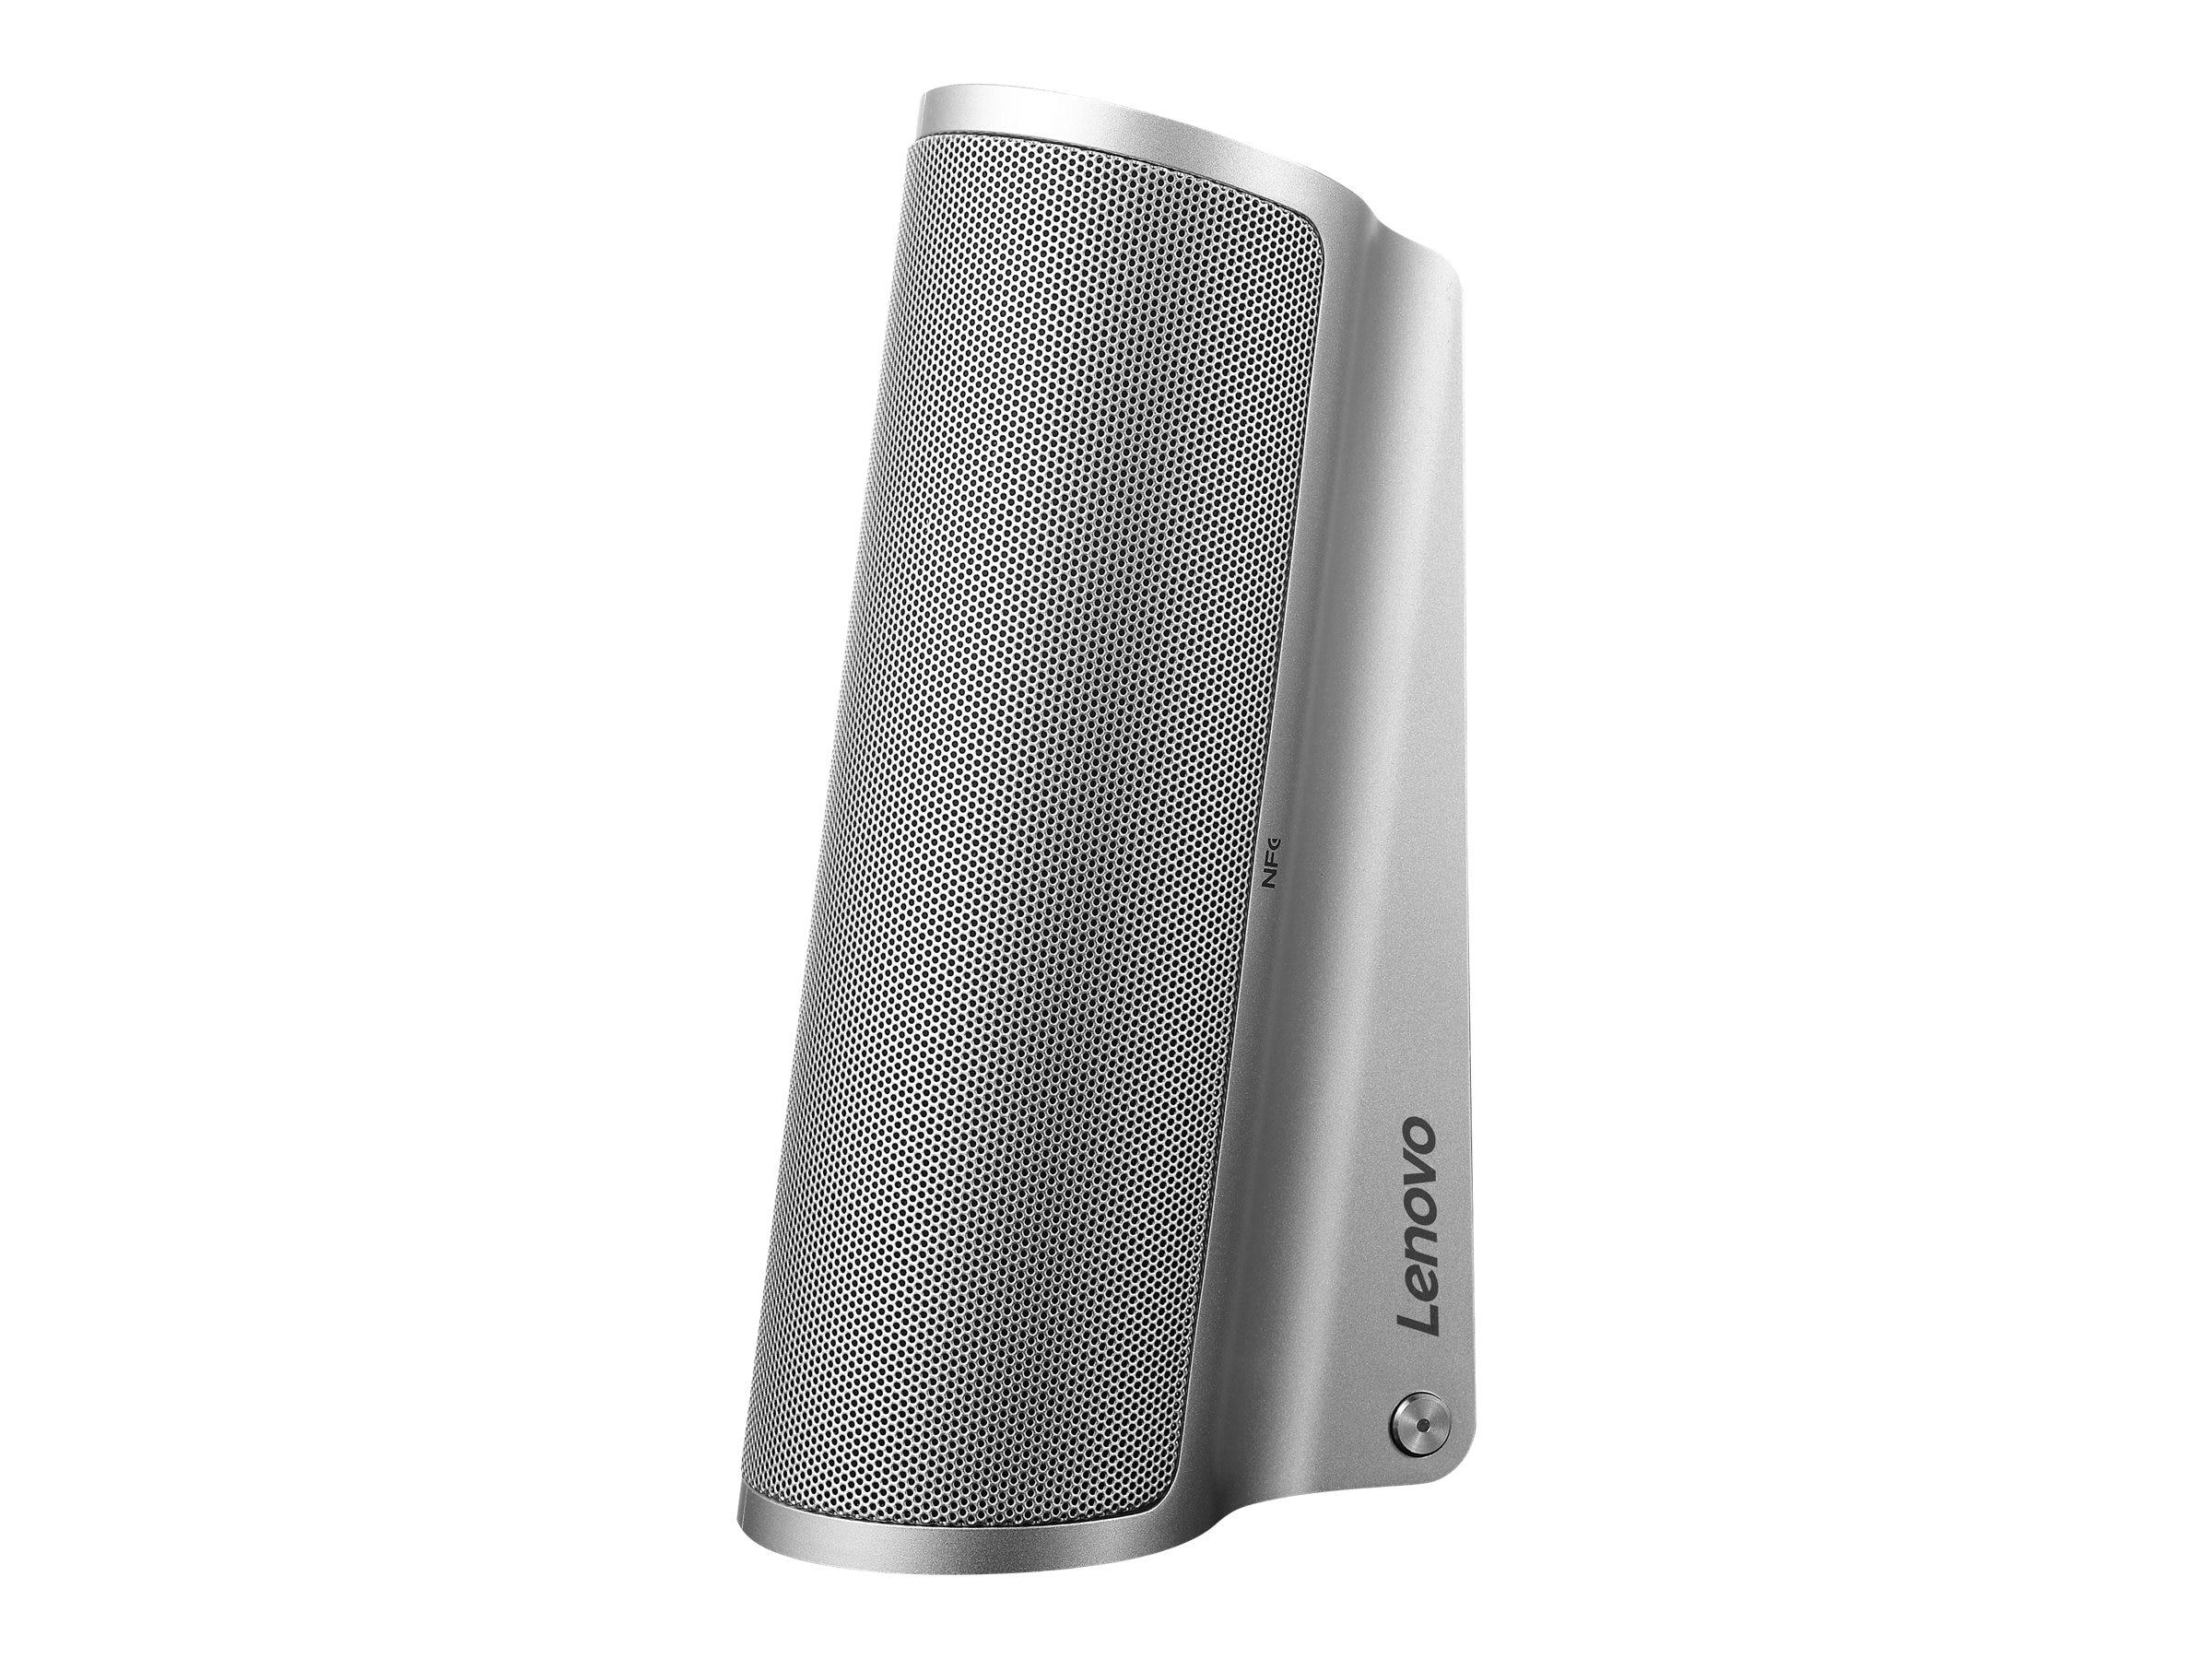 Lenovo GXD0J35510 Image 1